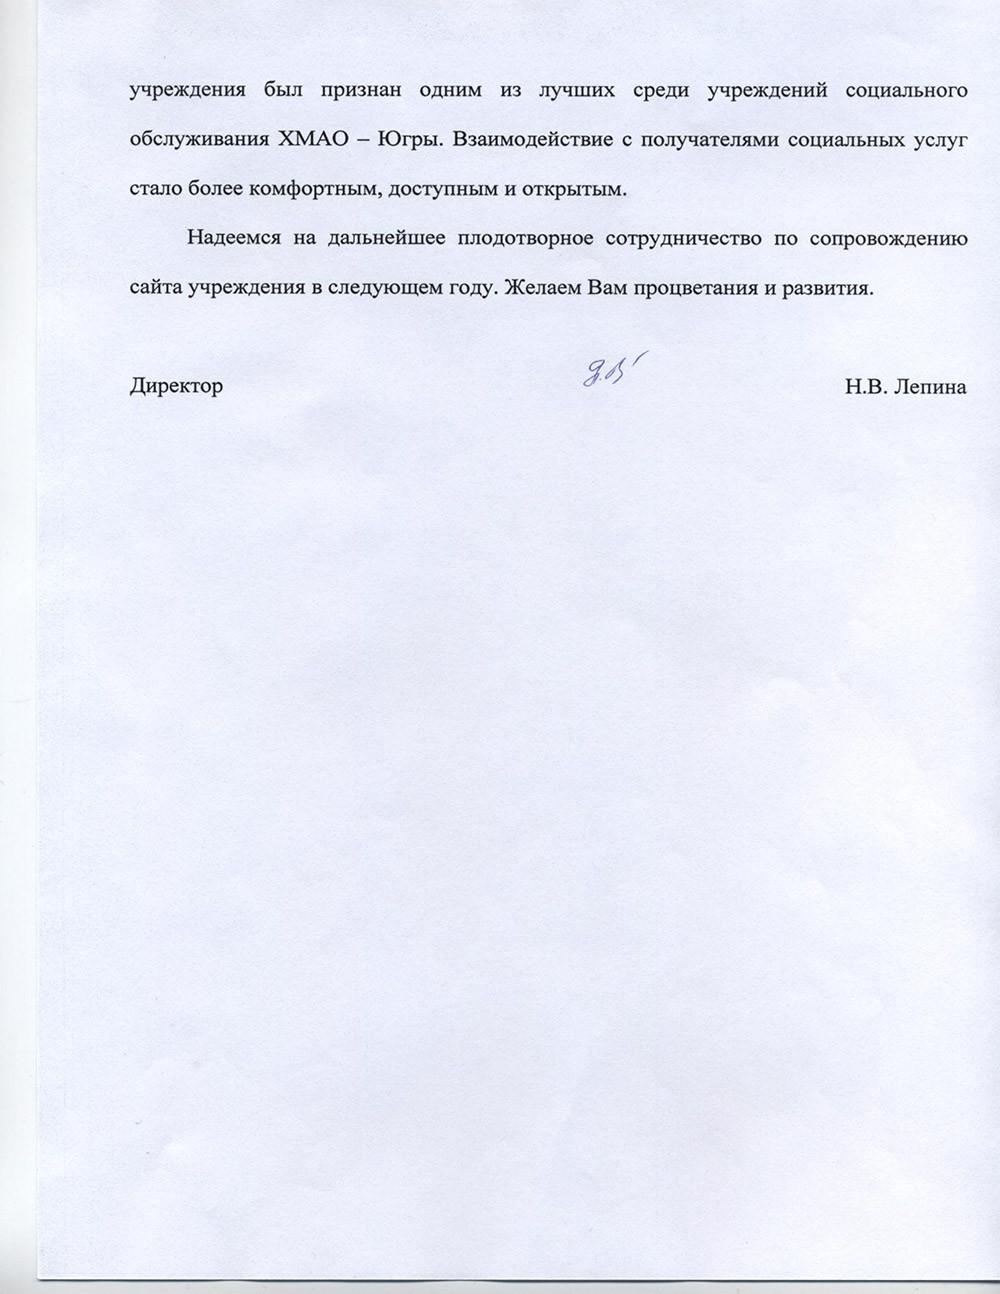 БУ ХМАО-Югры КЦСОН «На Калинке», 2016г. — 2